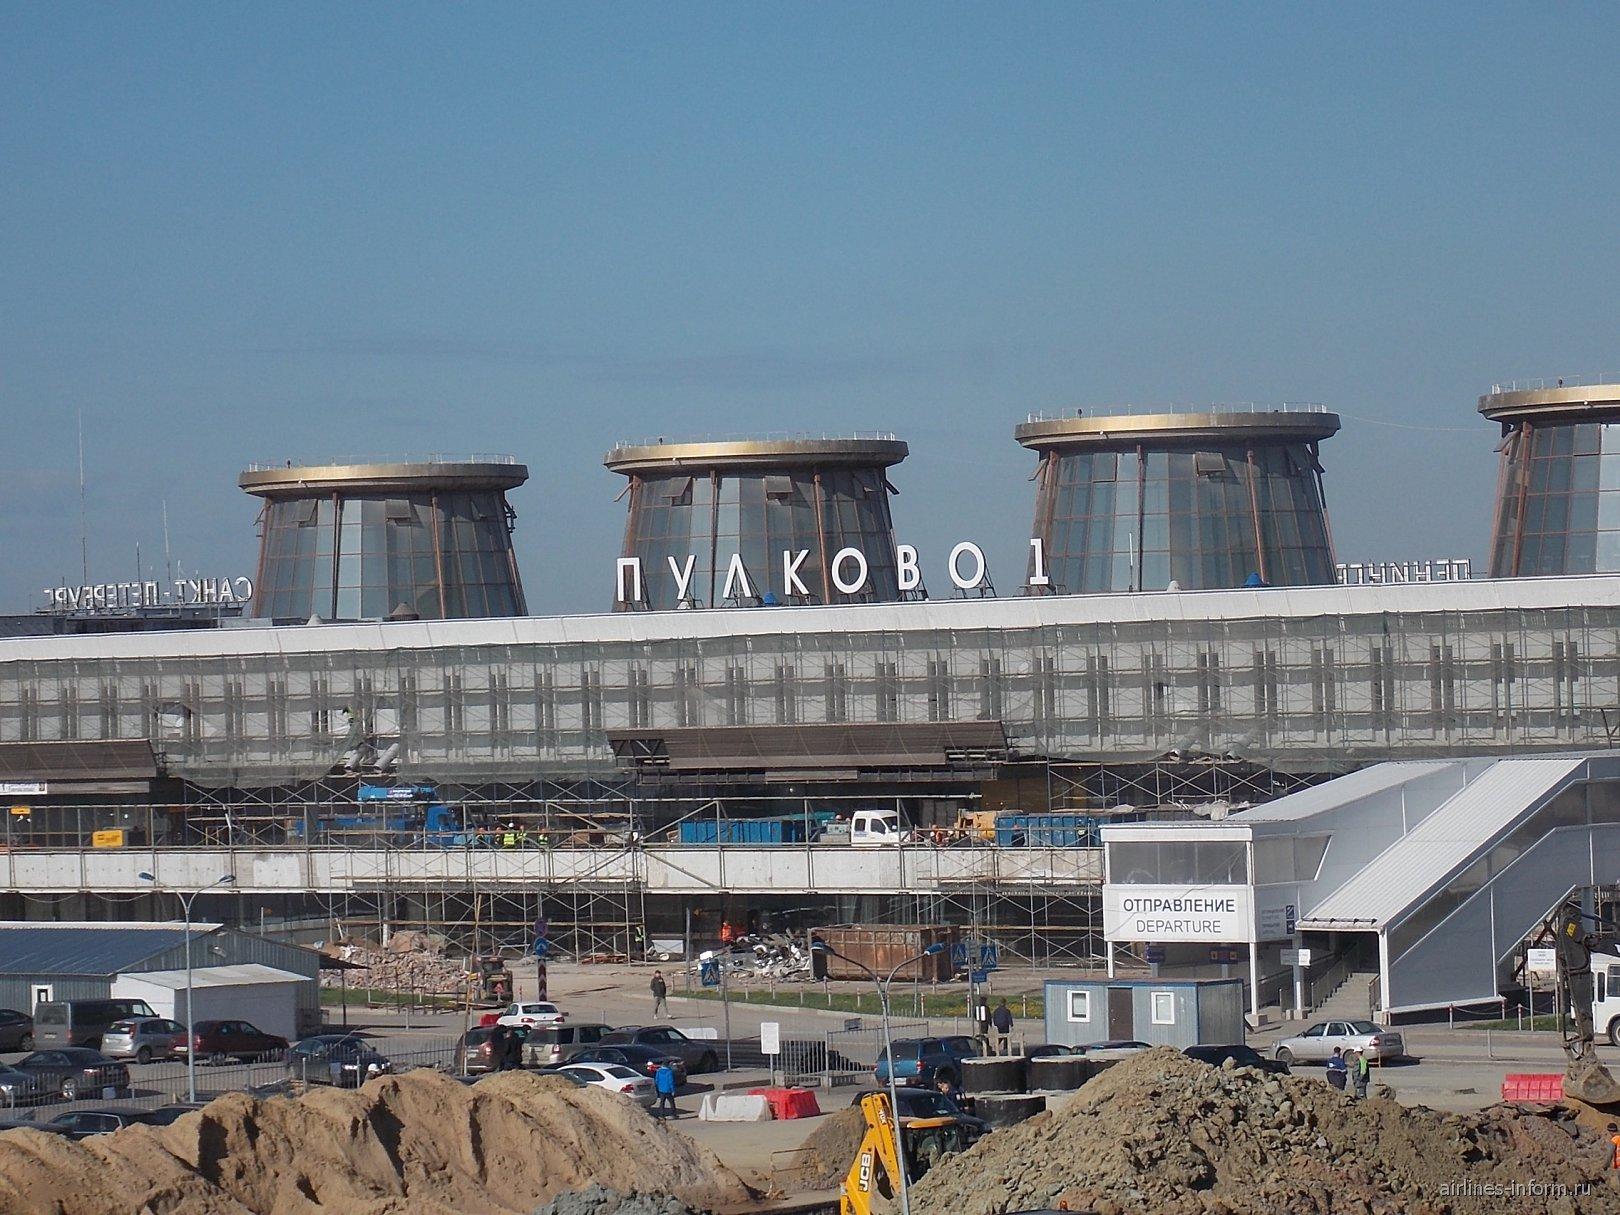 Реконструкция пассажирского терминала Пулково-1 в Санкт-Петербурге